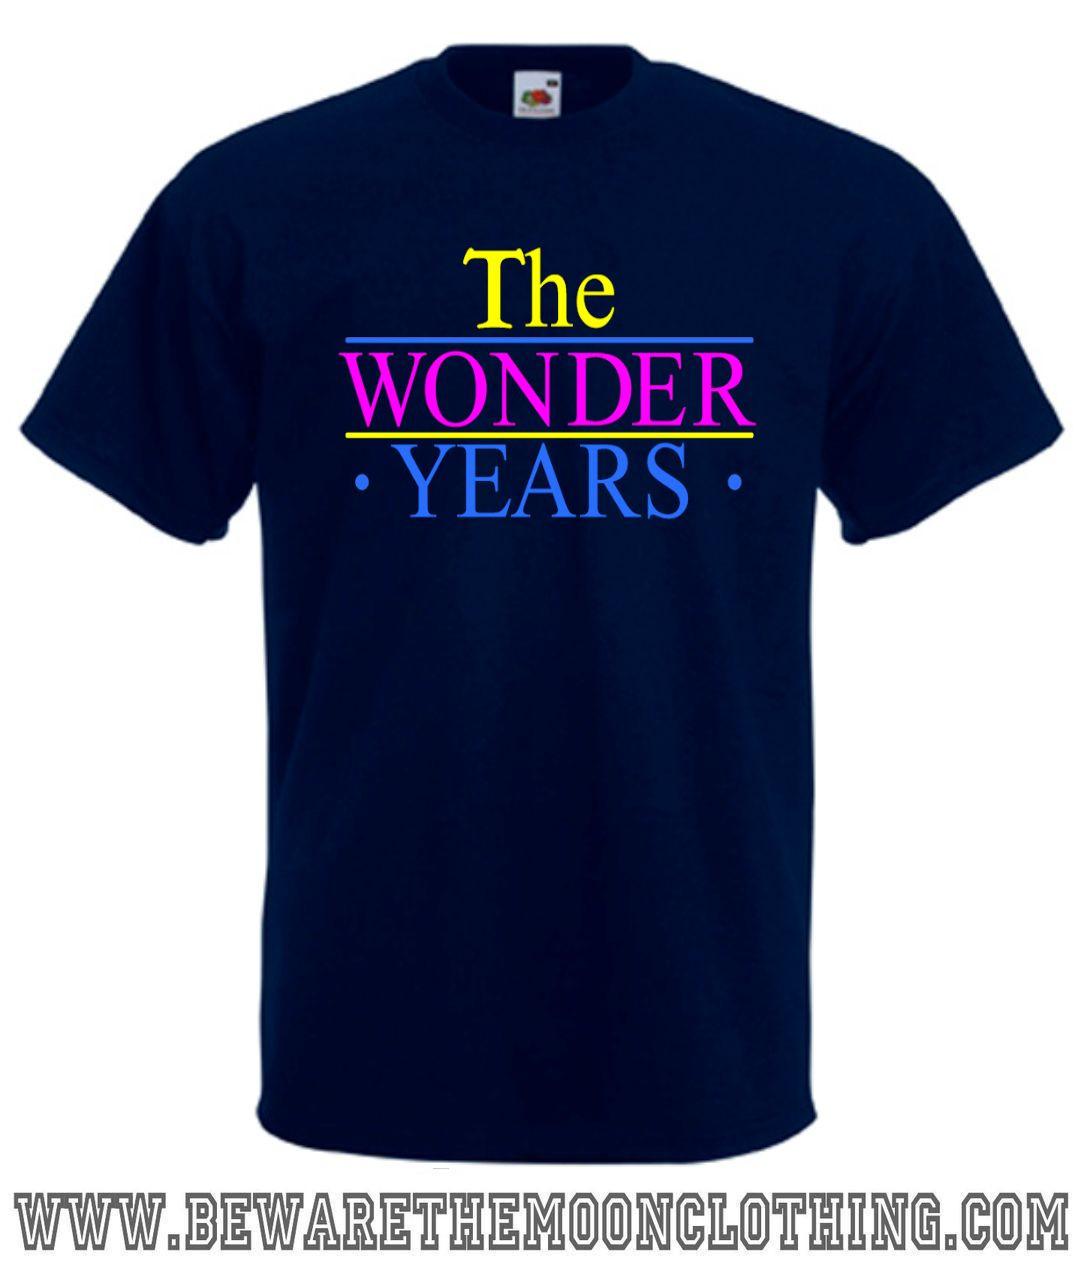 The wonder years hoodie